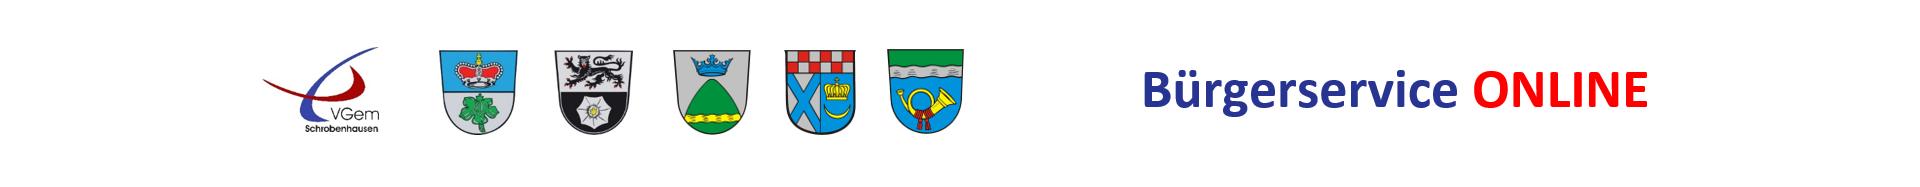 VGem Schrobenhausen